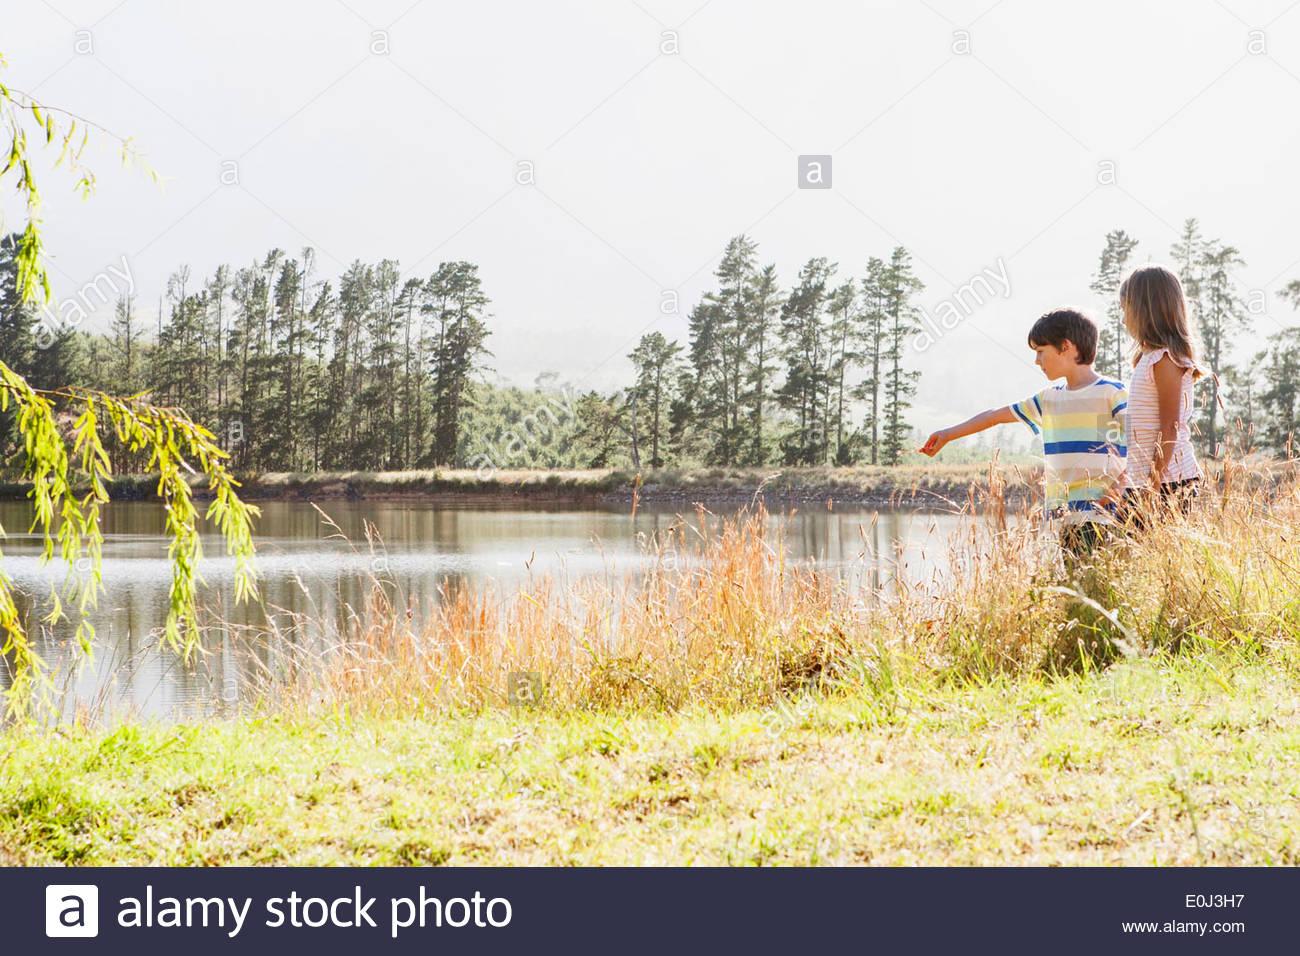 Kinder, die von Seite des Sees zu erkunden Stockbild